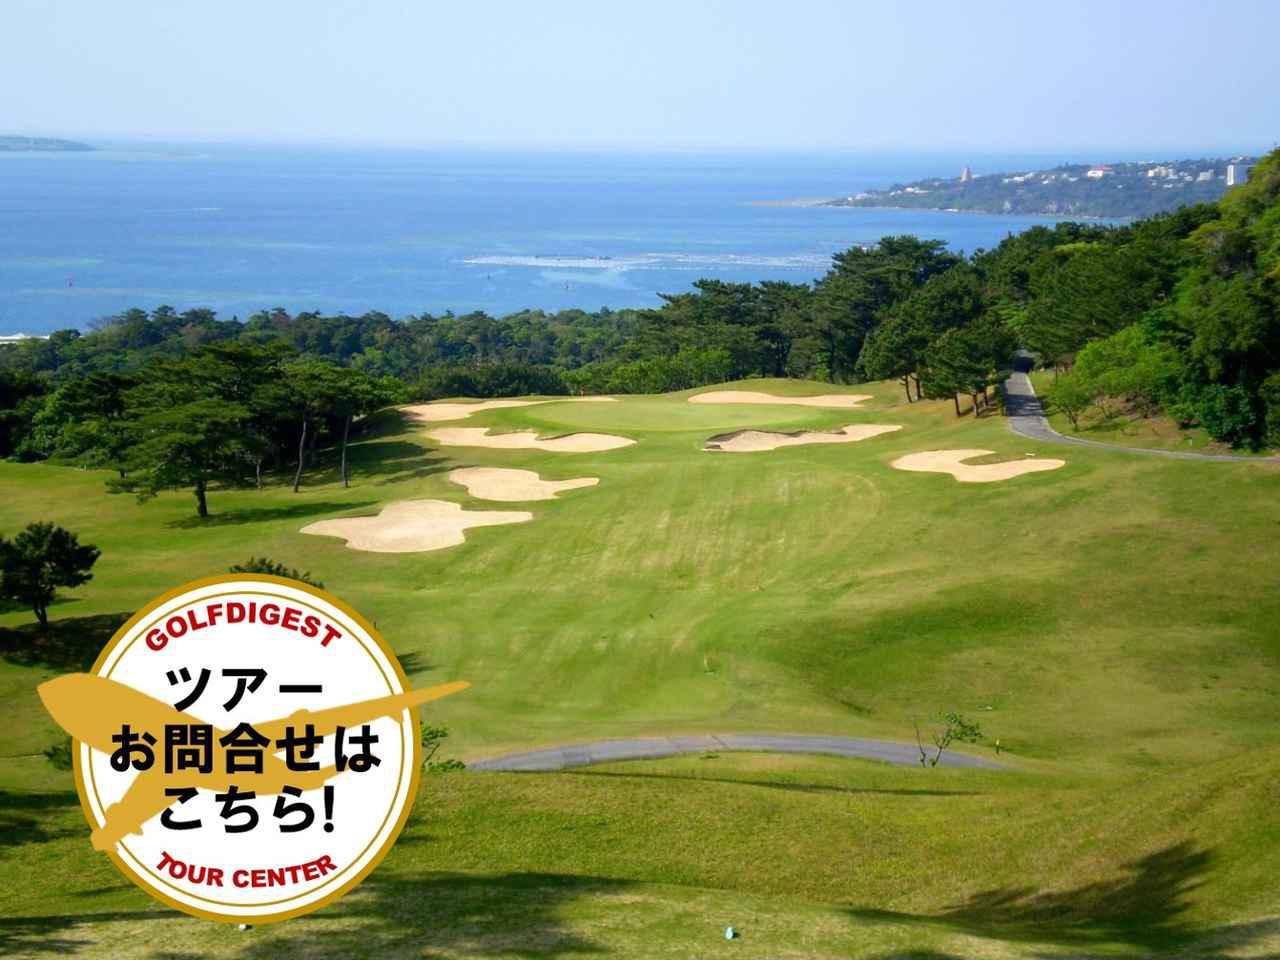 画像: 【沖縄・リゾートゴルフパック】JALで行く!2サムOK!ベルビーチGC&宜野座CC 3日間 2プレー(名護エリア宿泊)